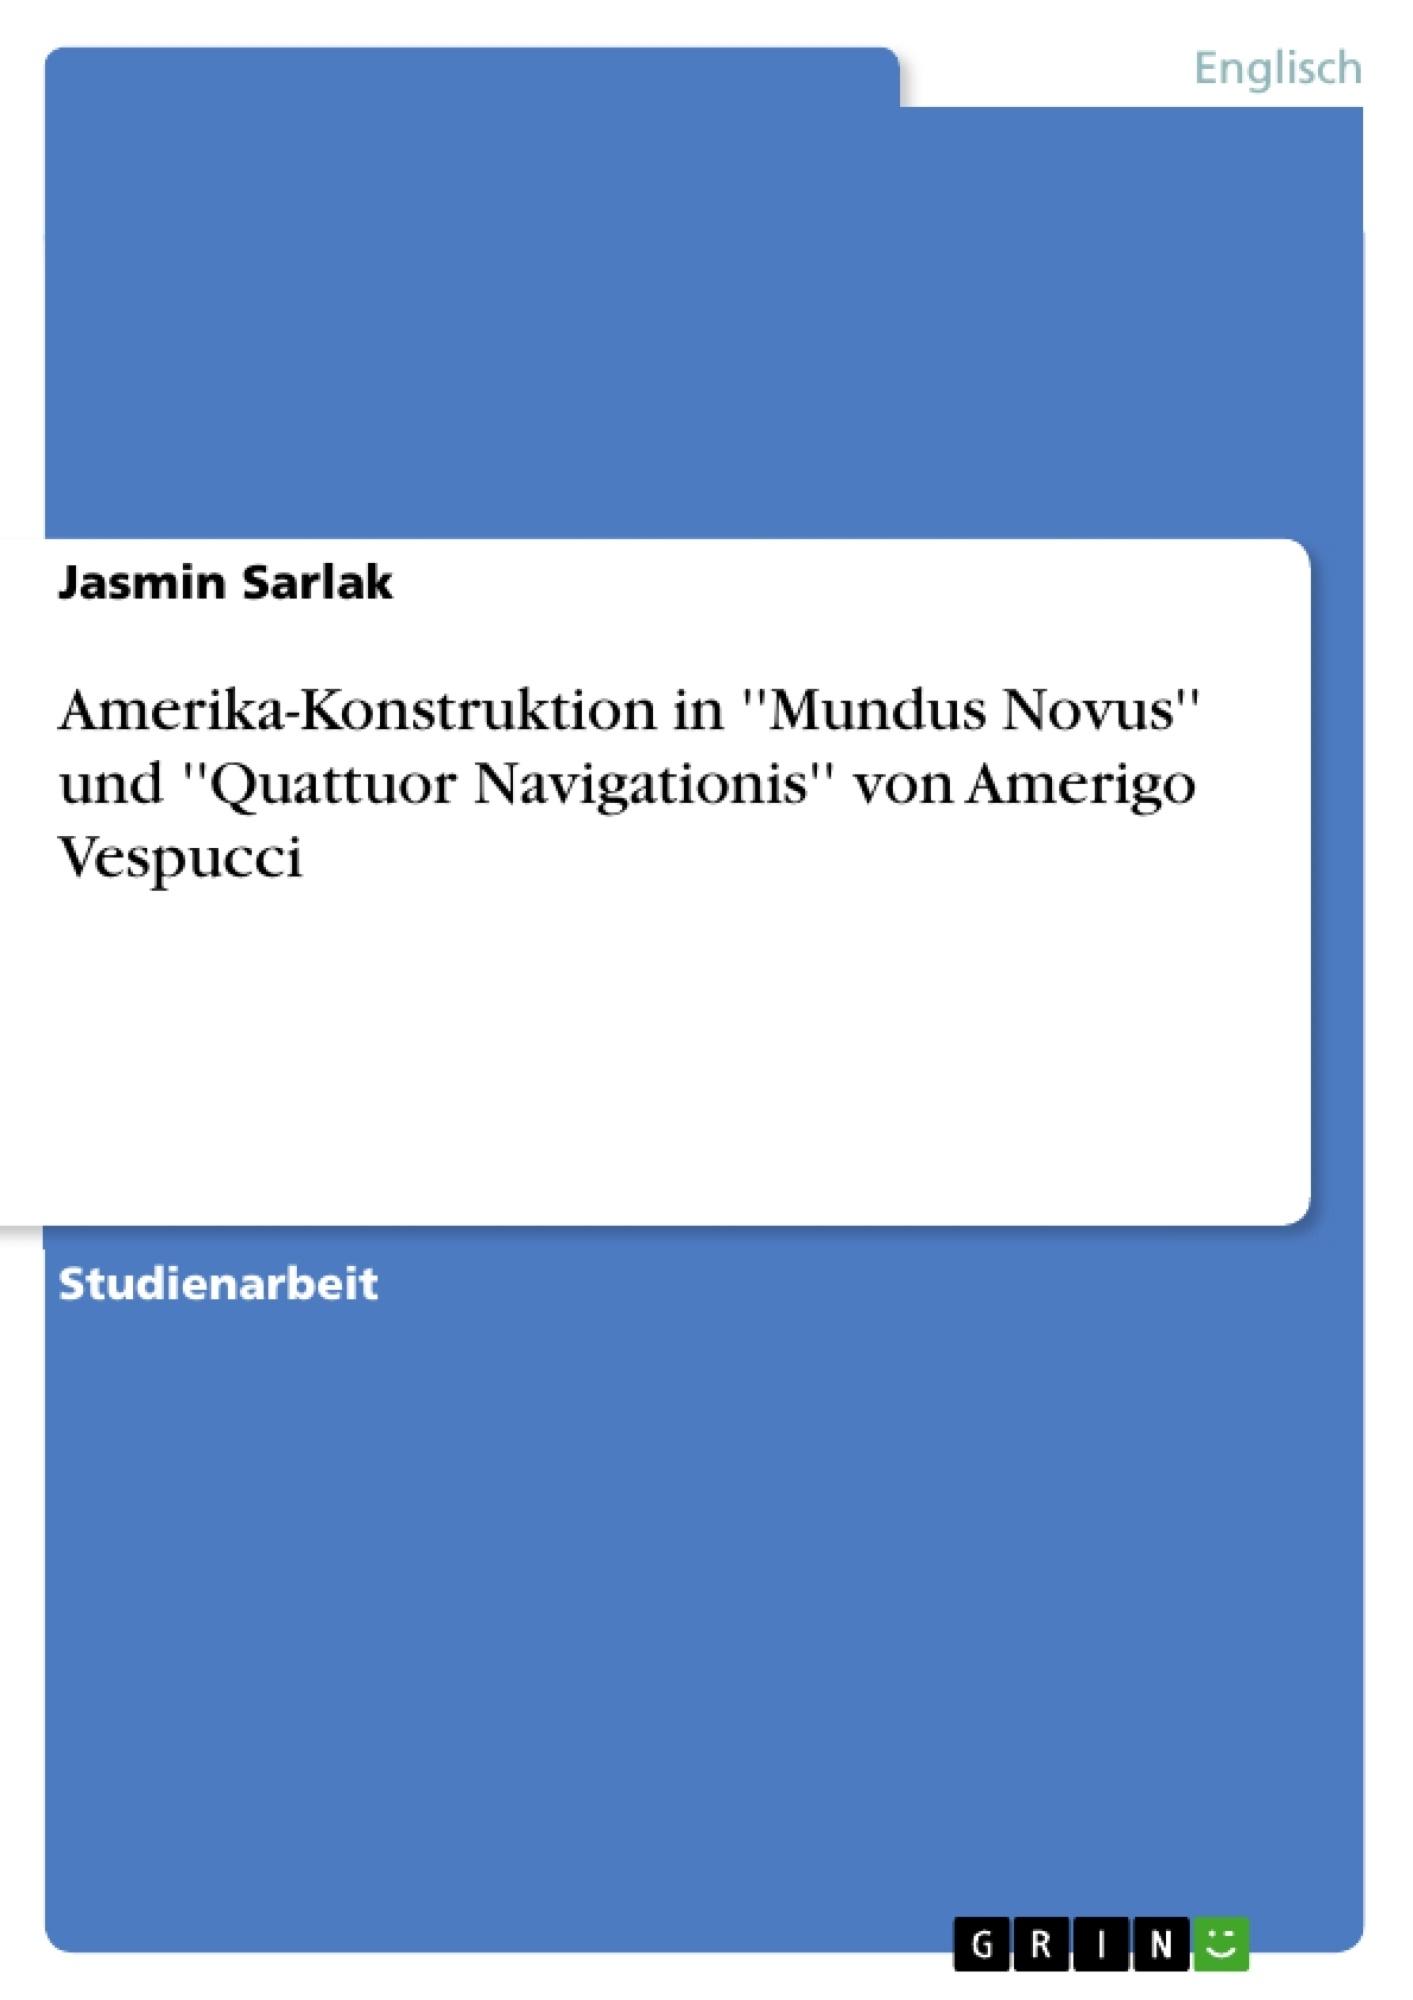 Titel: Amerika-Konstruktion in ''Mundus Novus'' und ''Quattuor Navigationis'' von Amerigo Vespucci